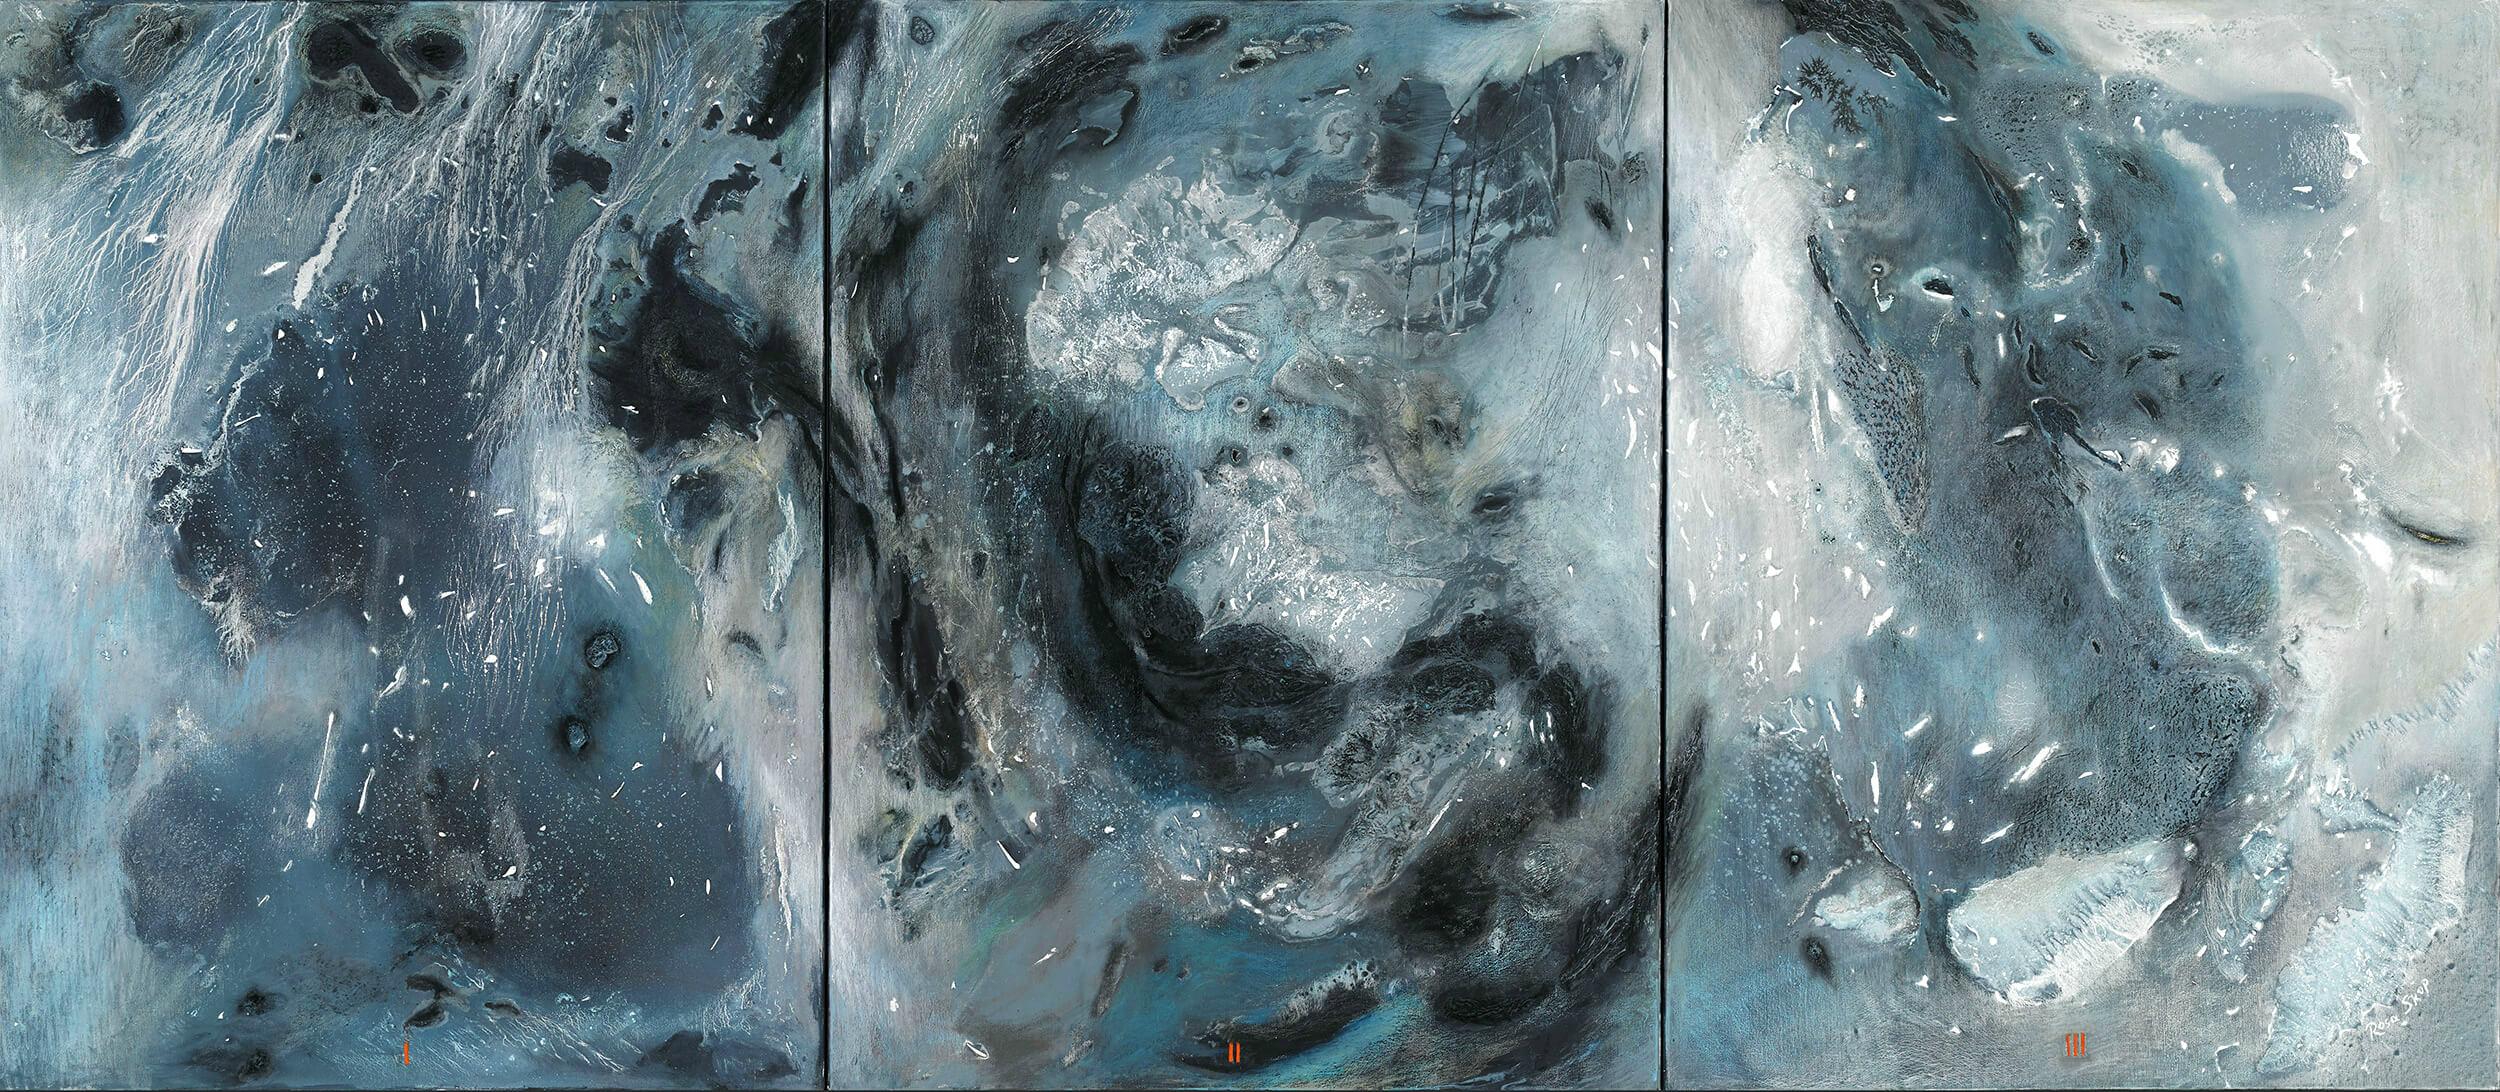 Rosa SKOP - Radiographie de l'espace - Acrylique et pastel sur toile - 267 x 117 cm